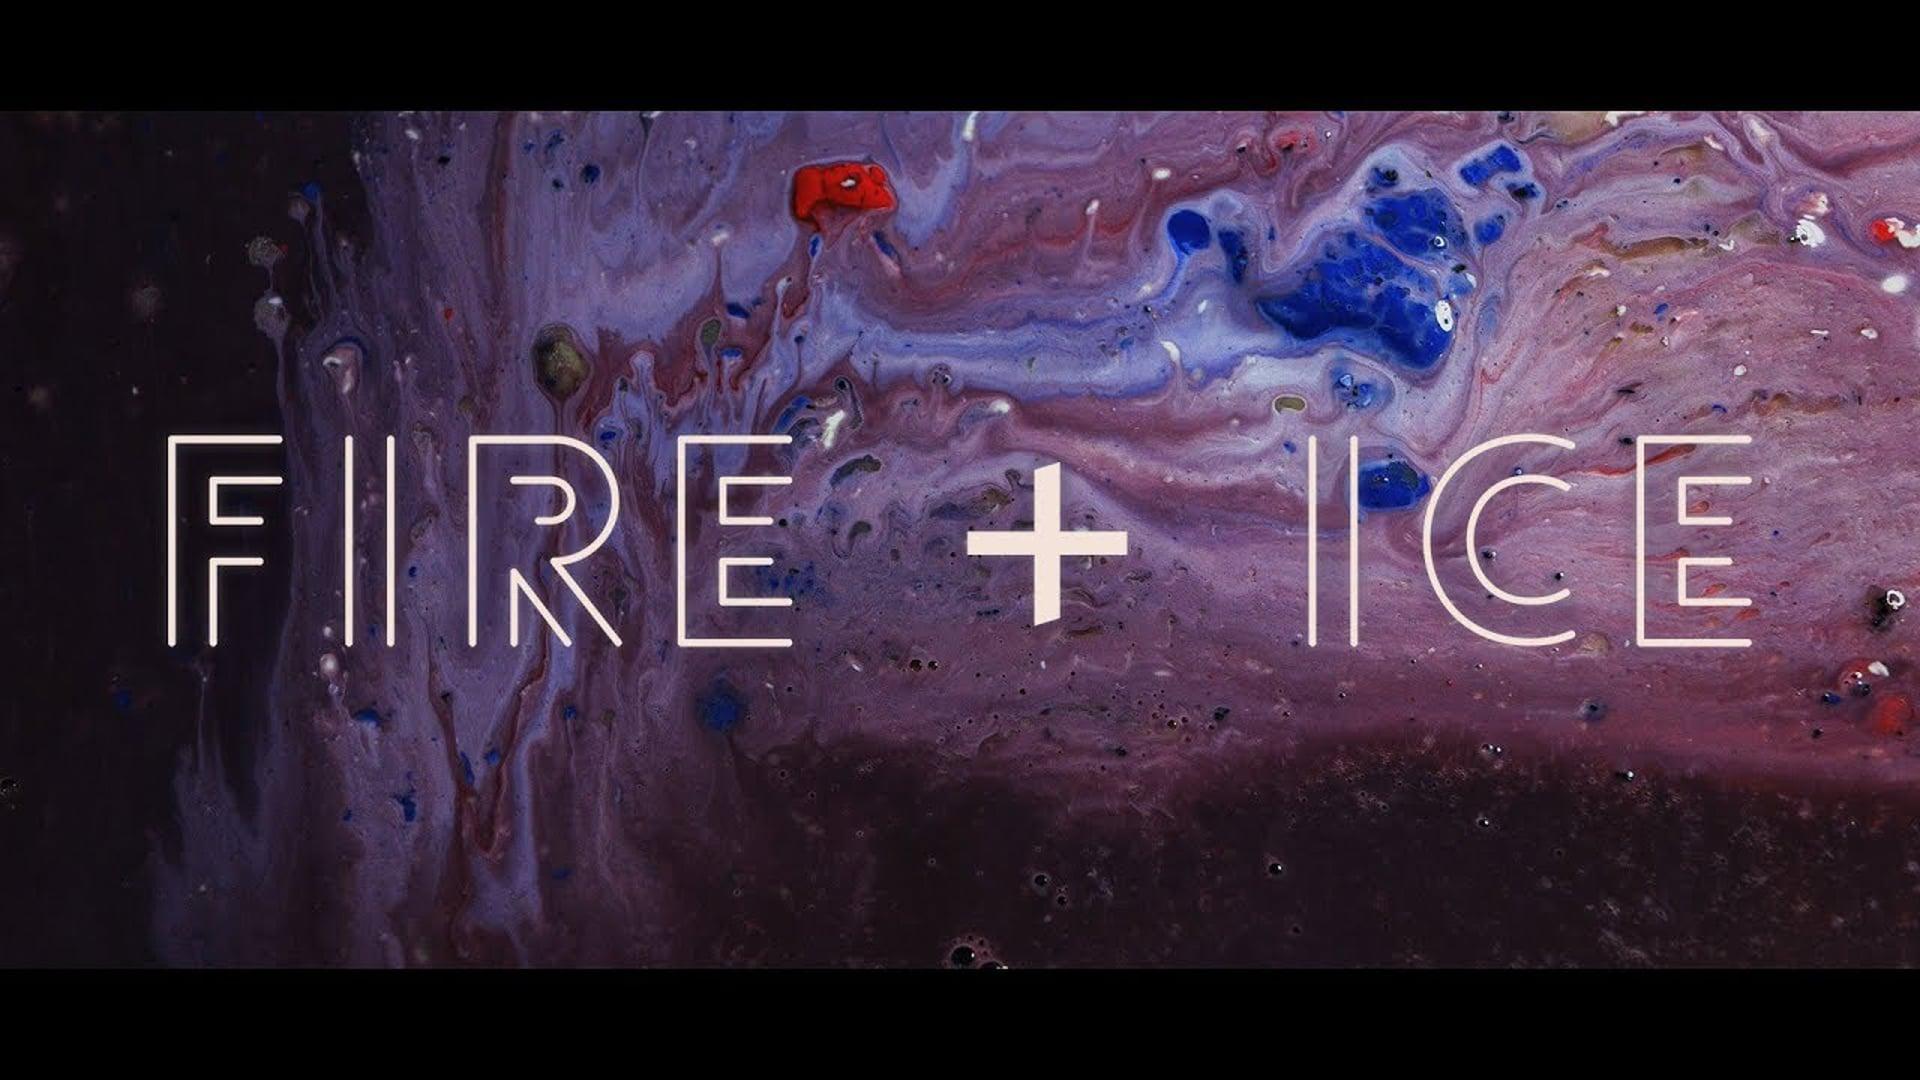 Derek Mcnally // Fire + lce